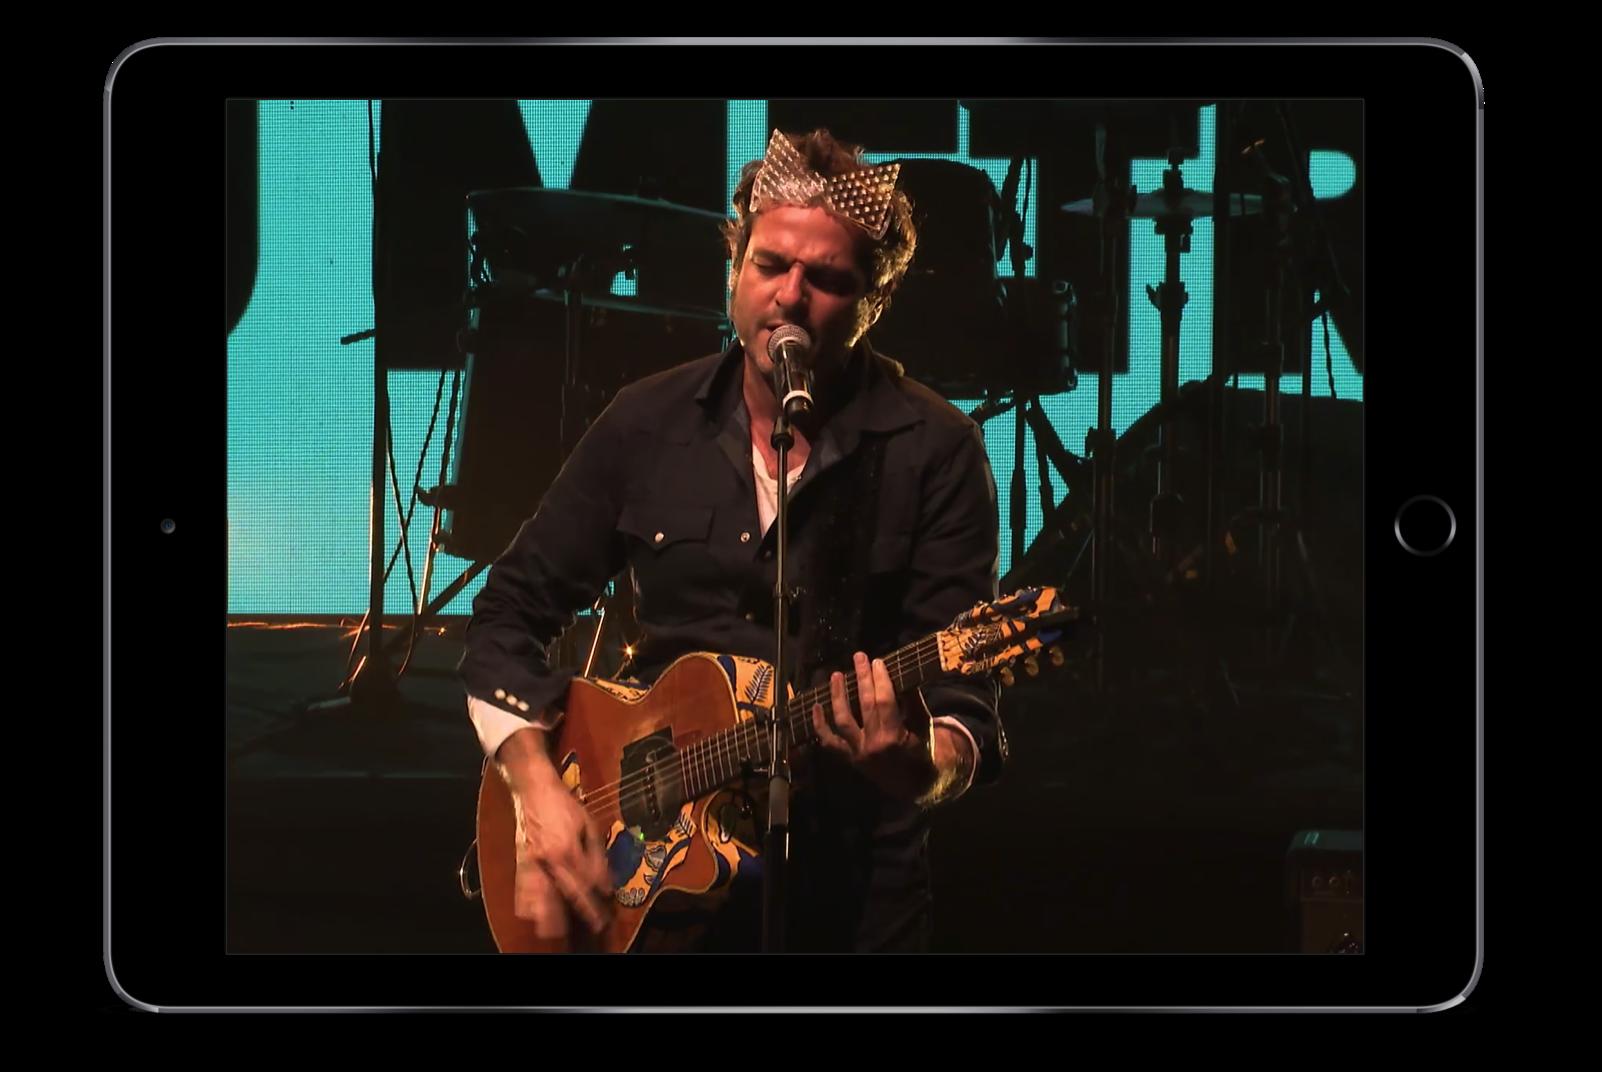 production de vidéo événementielle concert festival diffusion live sur internet